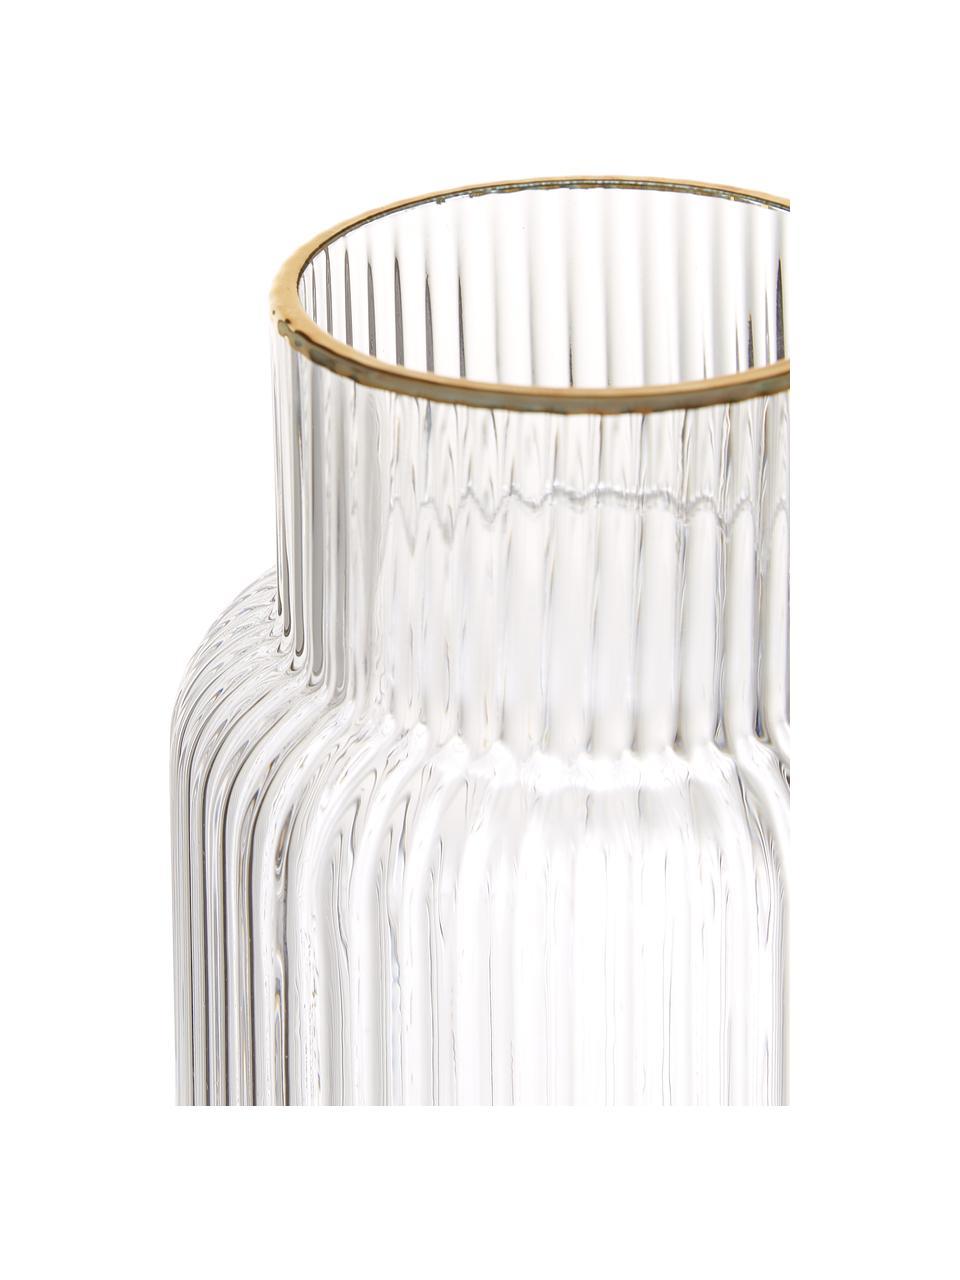 Ręcznie wykonana karafka Minna, Szkło dmuchane, Transparentny, złoty, Ø 10 x W 25 cm